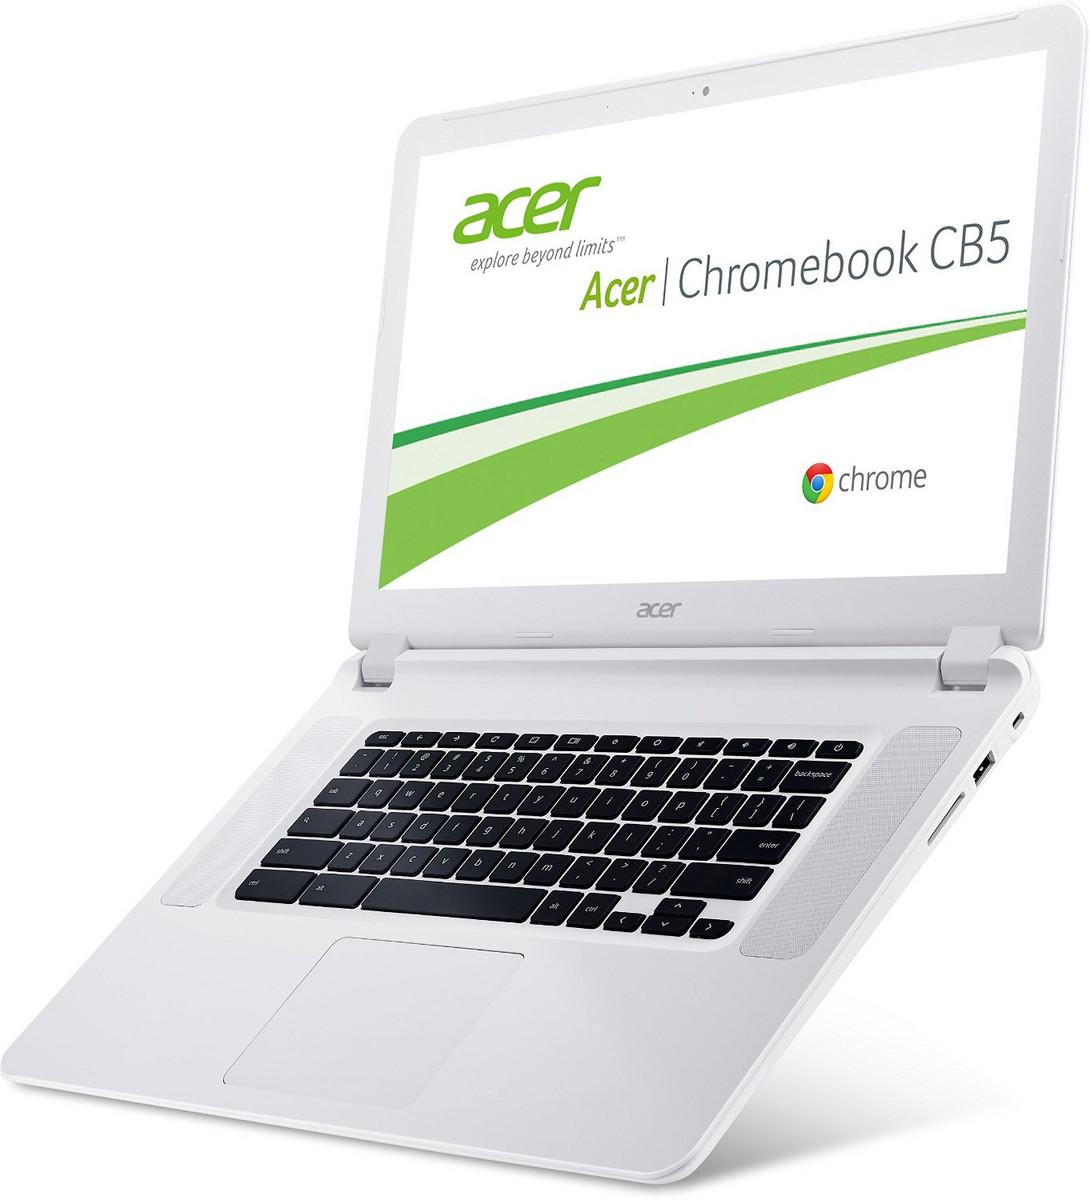 Acer Chromebook 15 CB5-571-C09S - Notebookcheck net External Reviews